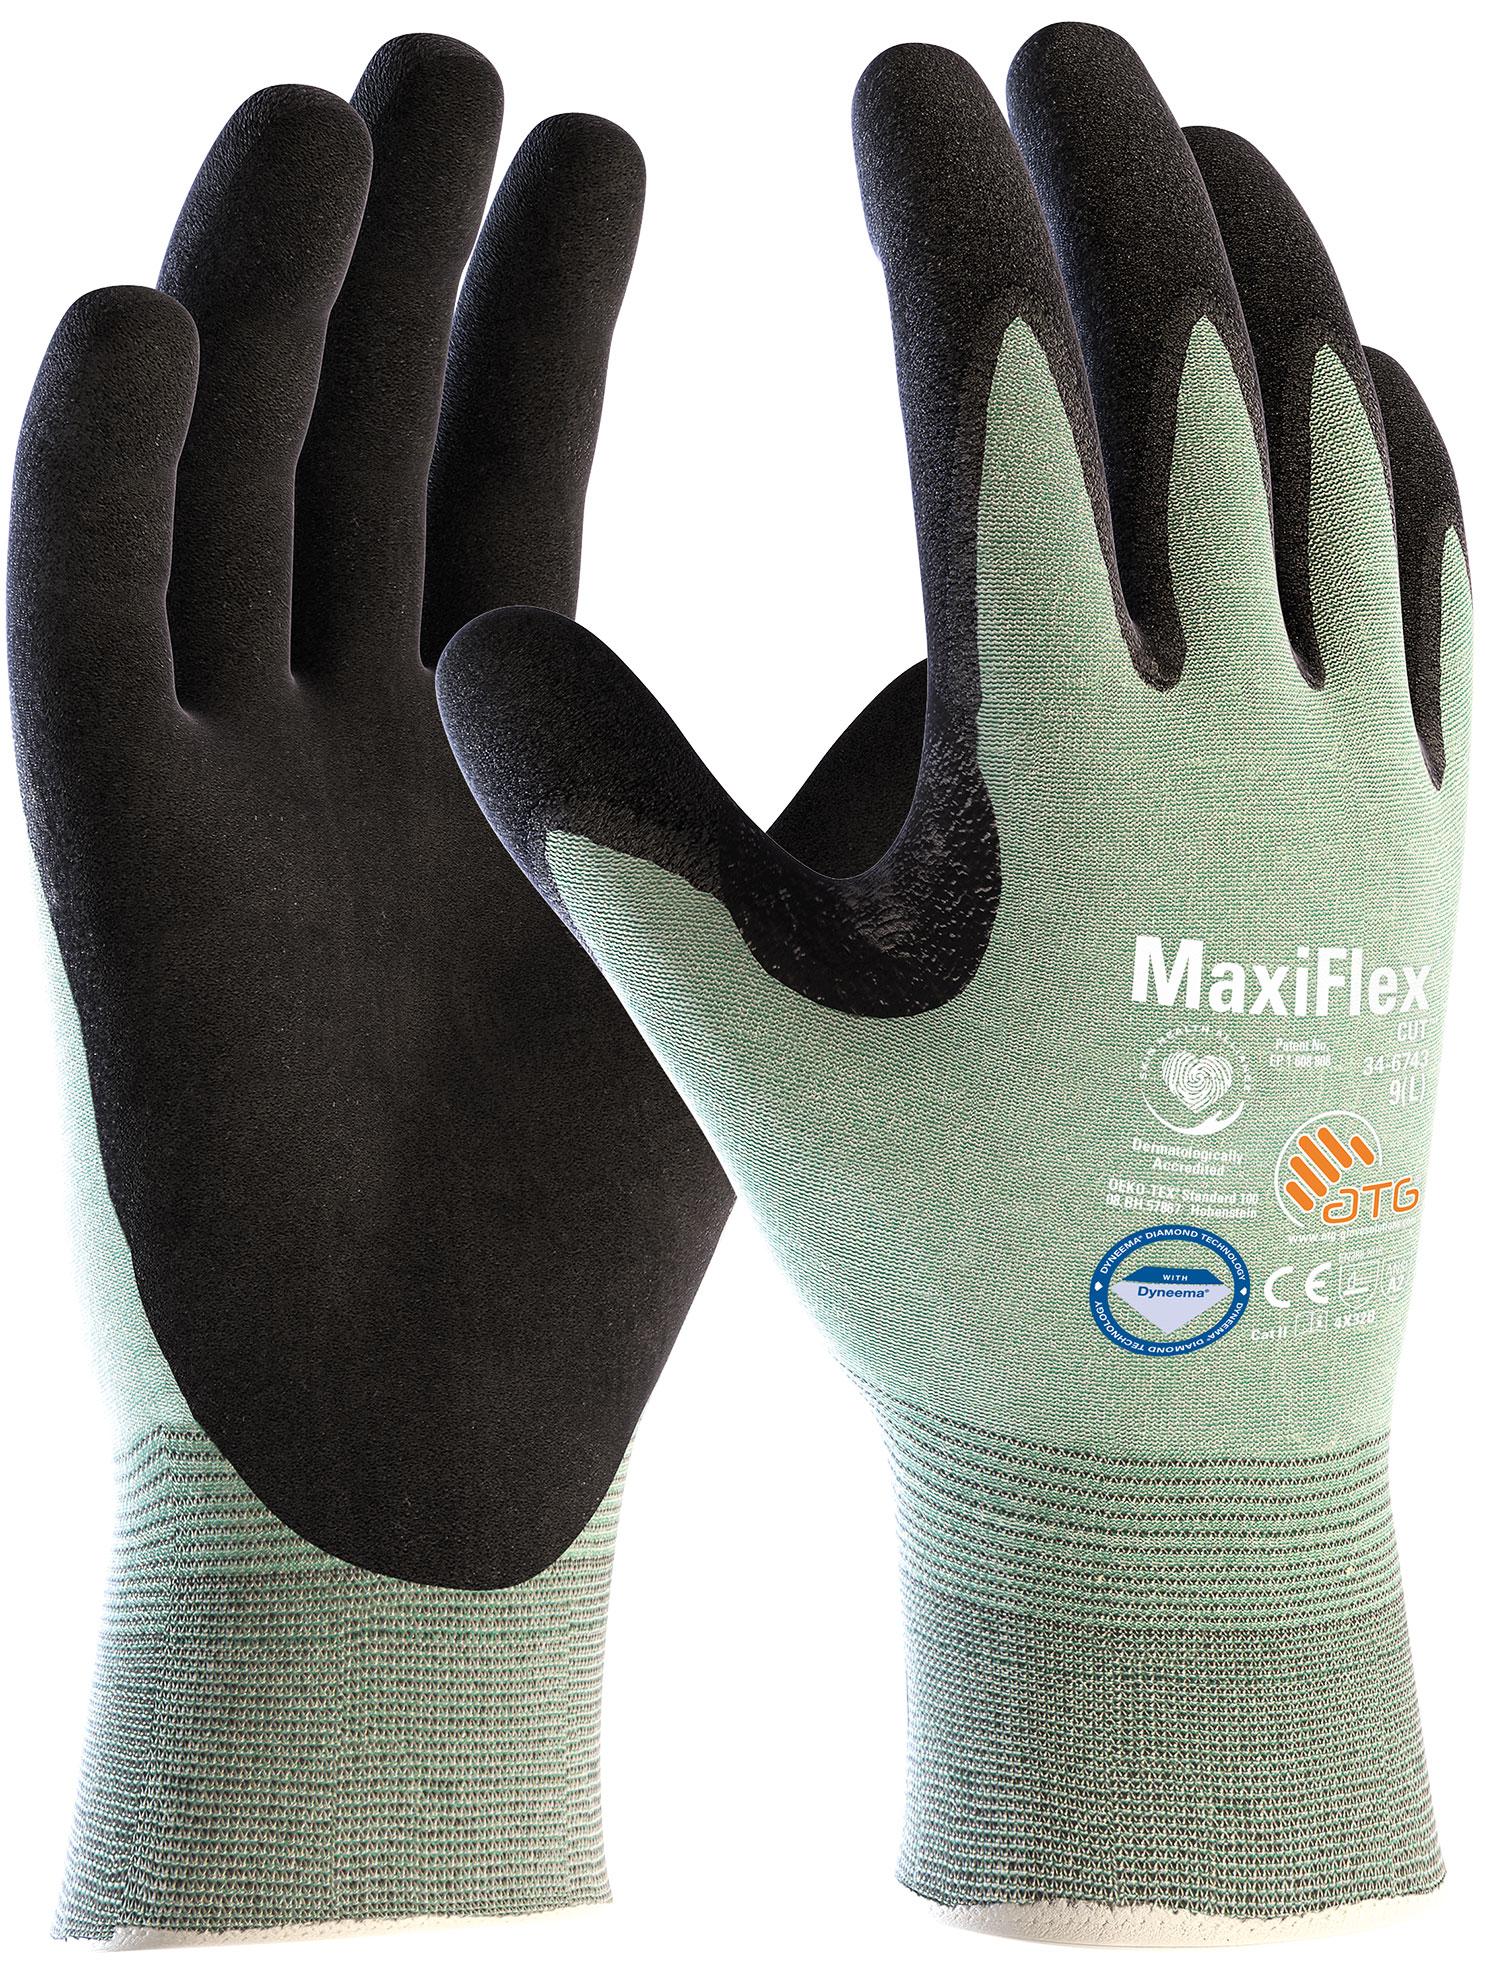 34-6743 MaxiFlex® Cut